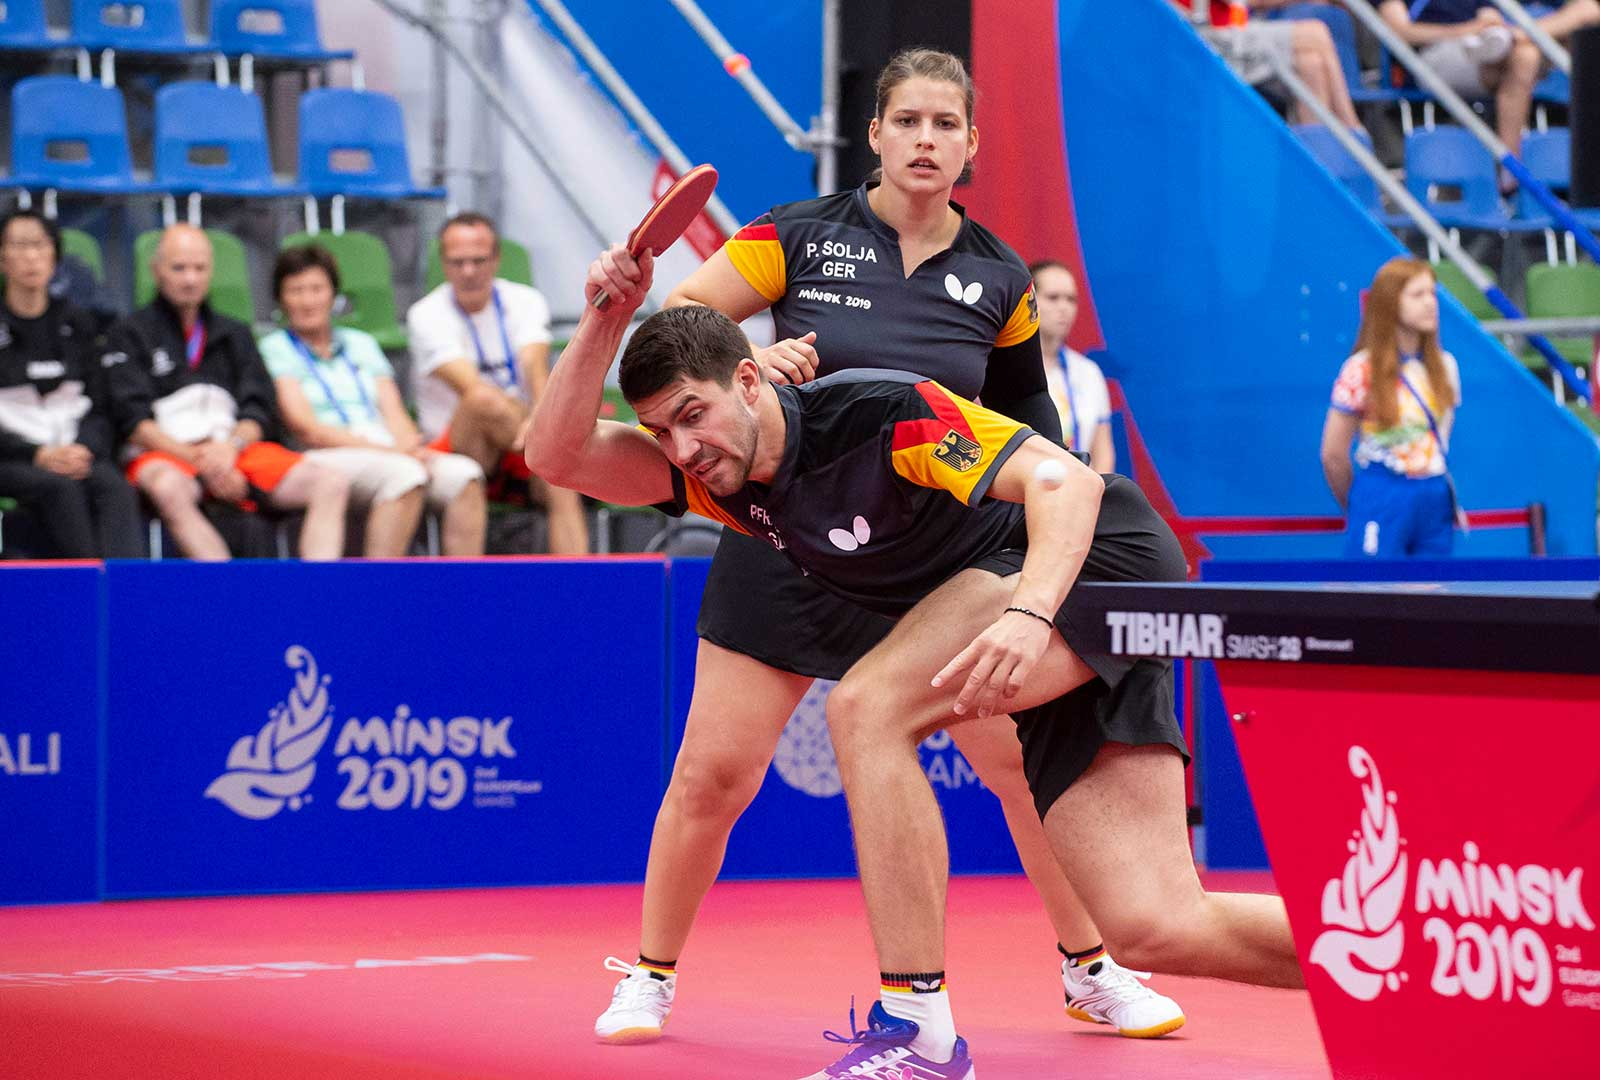 Mixed European Games 2019 in Minsk - Foto Manfred Schillings